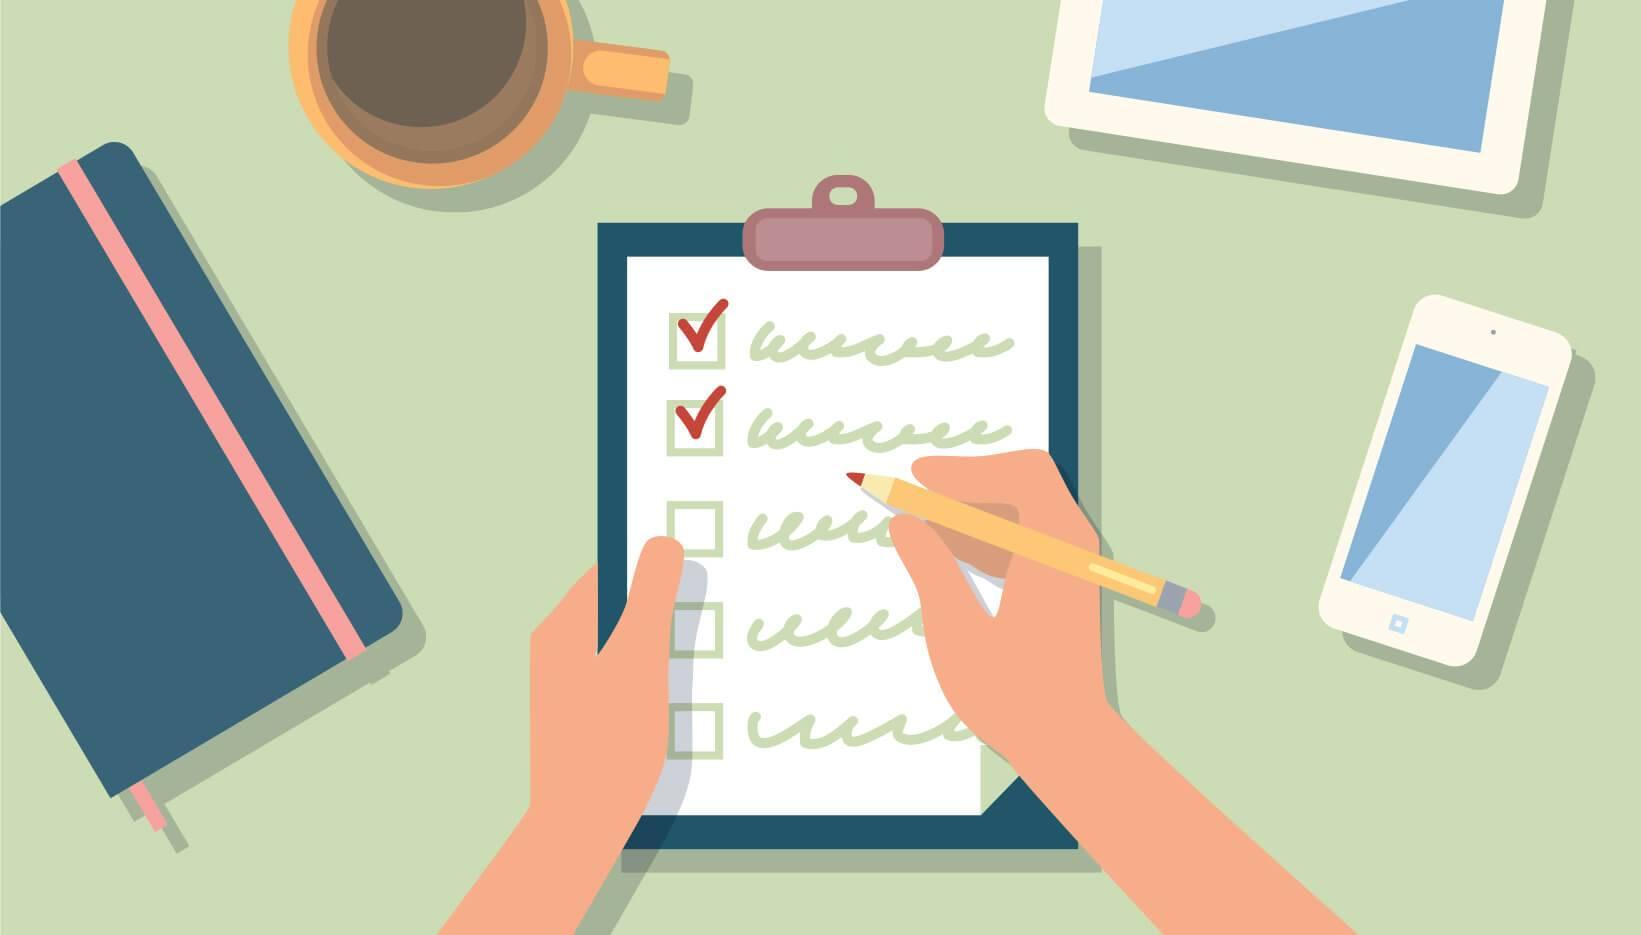 Formulários customizados para cadastro de clientes